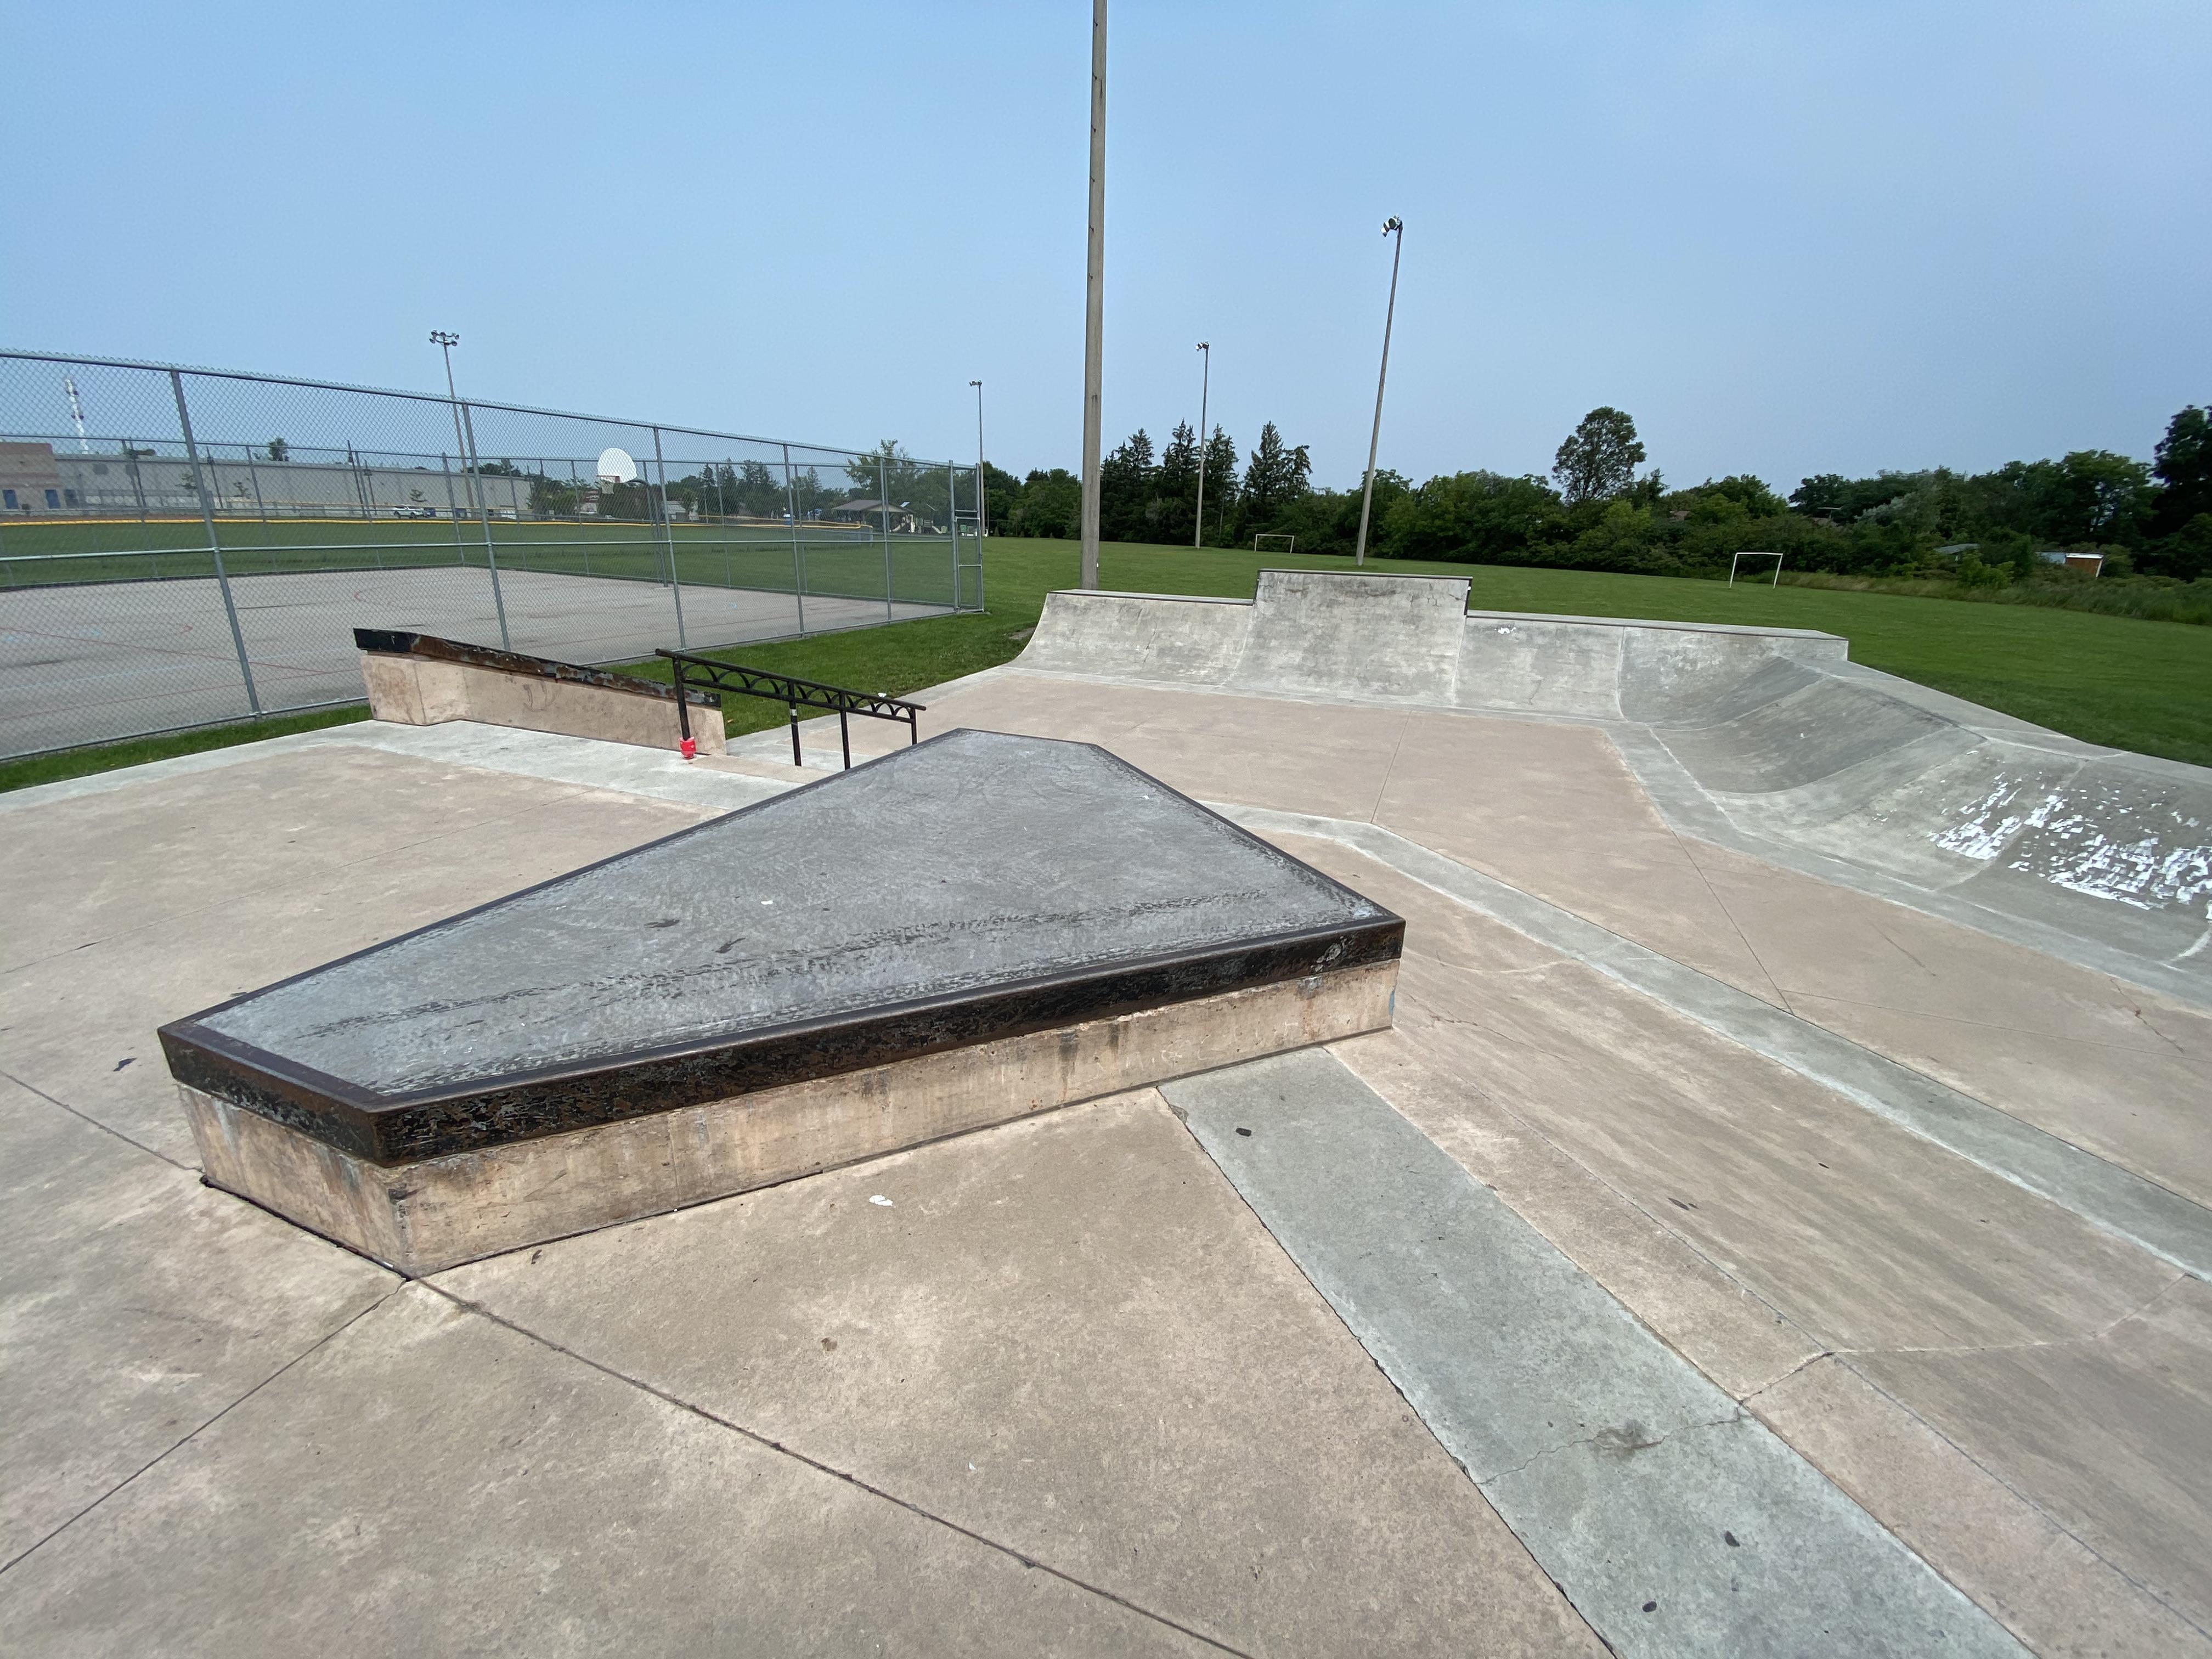 Caledonia Skatepark from left side